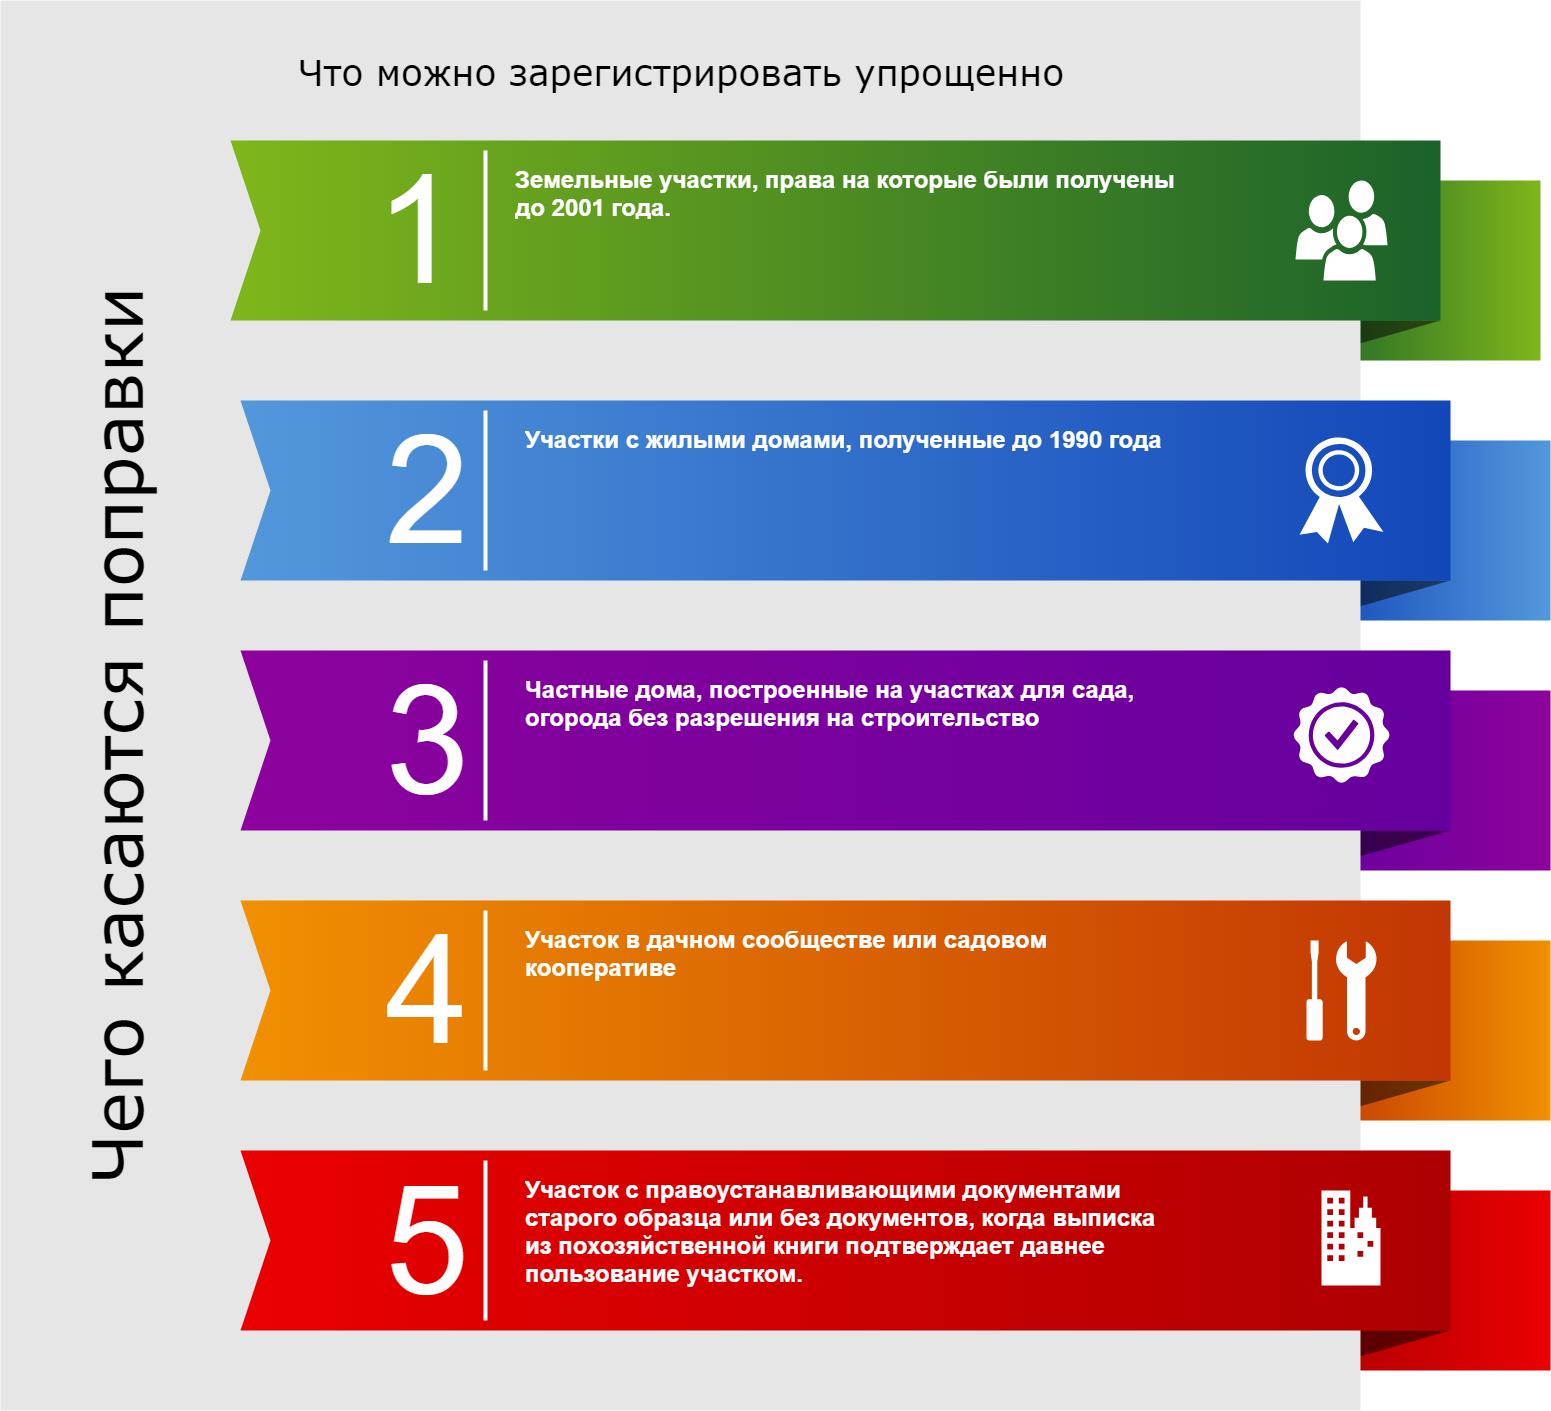 kak-oformit-zemelnyj-uchastok-v-sobstvennost-poryadok-oformleniya-i-registracziya-prava-na-zemlyu-2